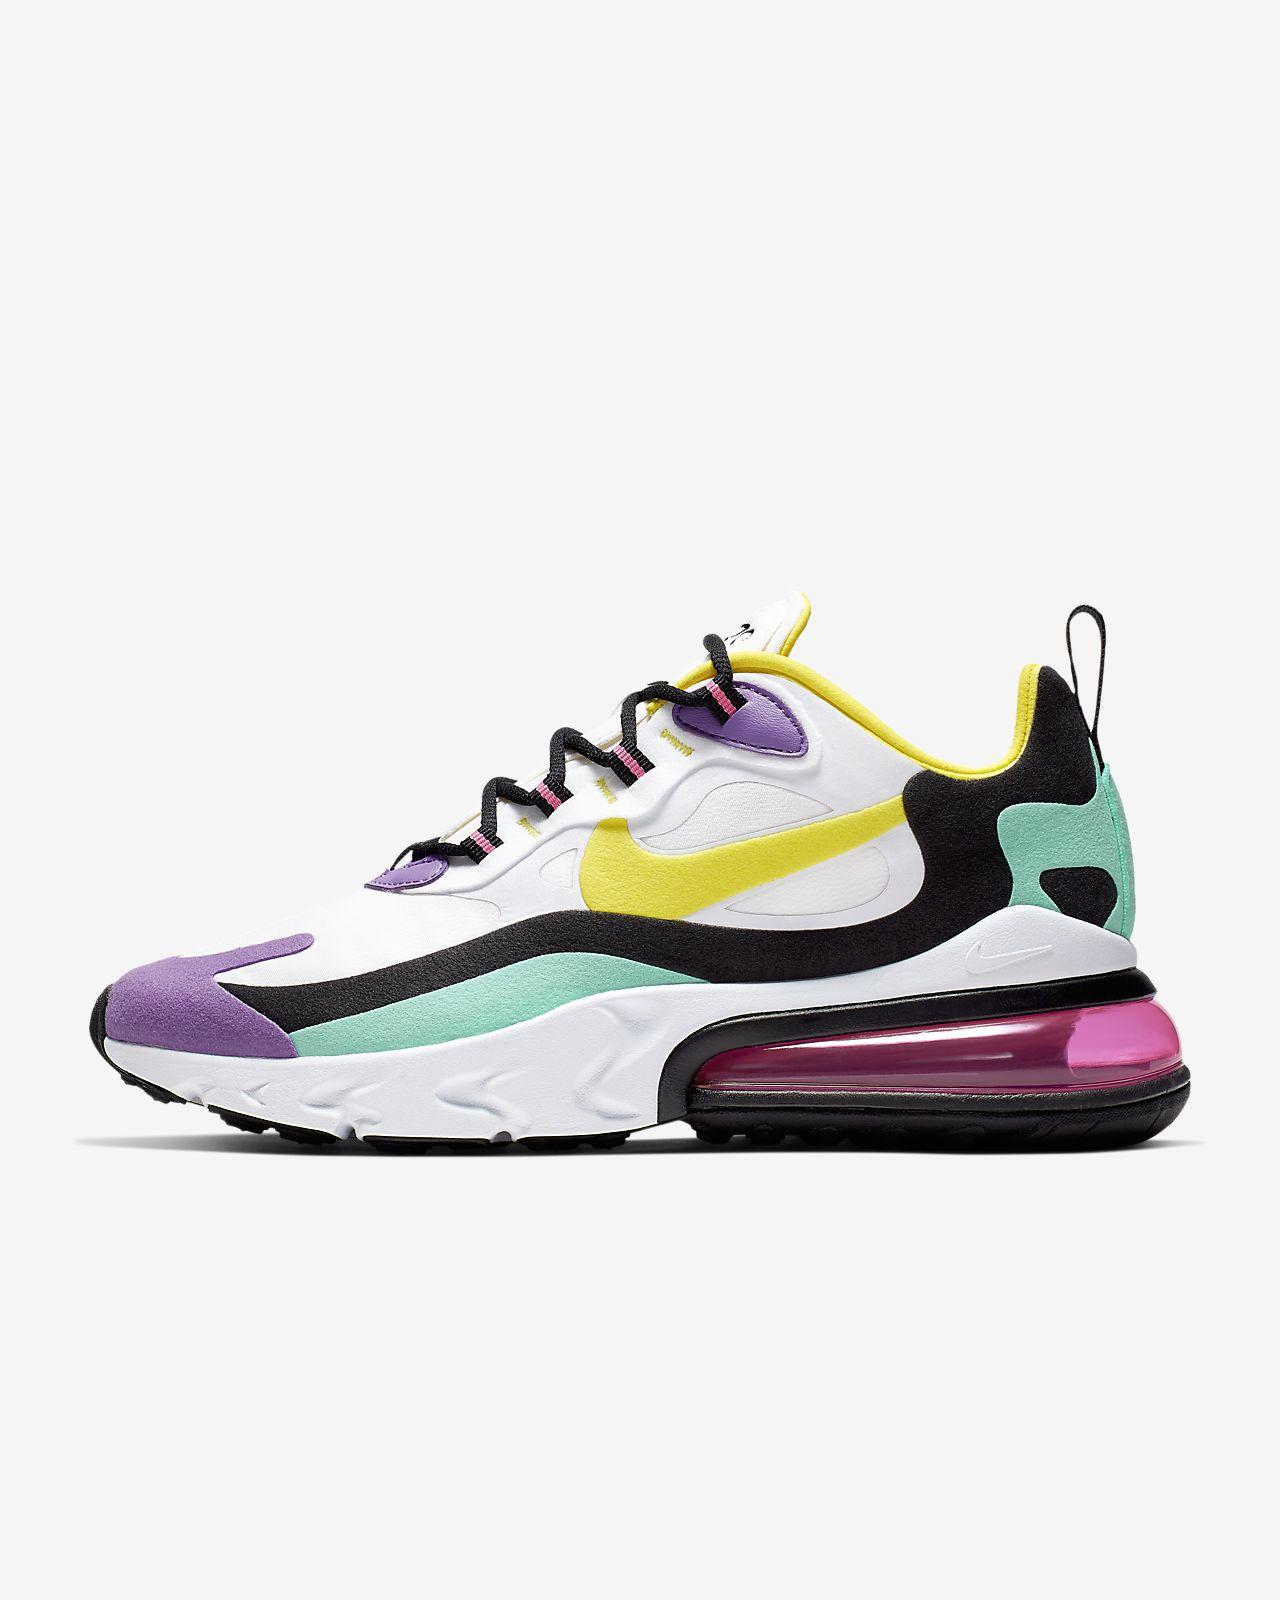 รองเท้าผู้หญิง Nike Air Max 270 React (Geometric Abstract)